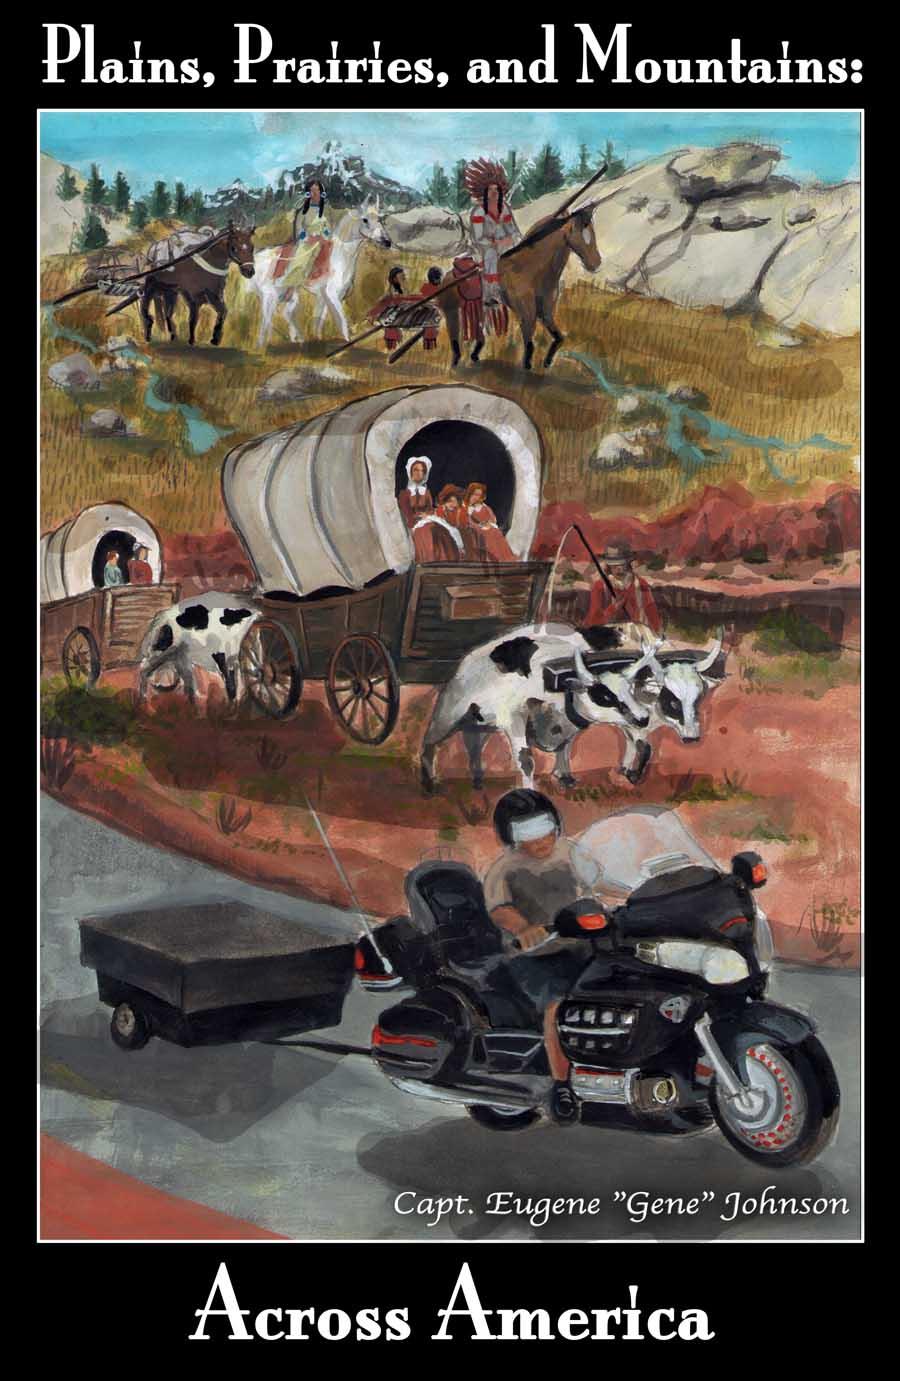 Plains, Prairies and Mountains